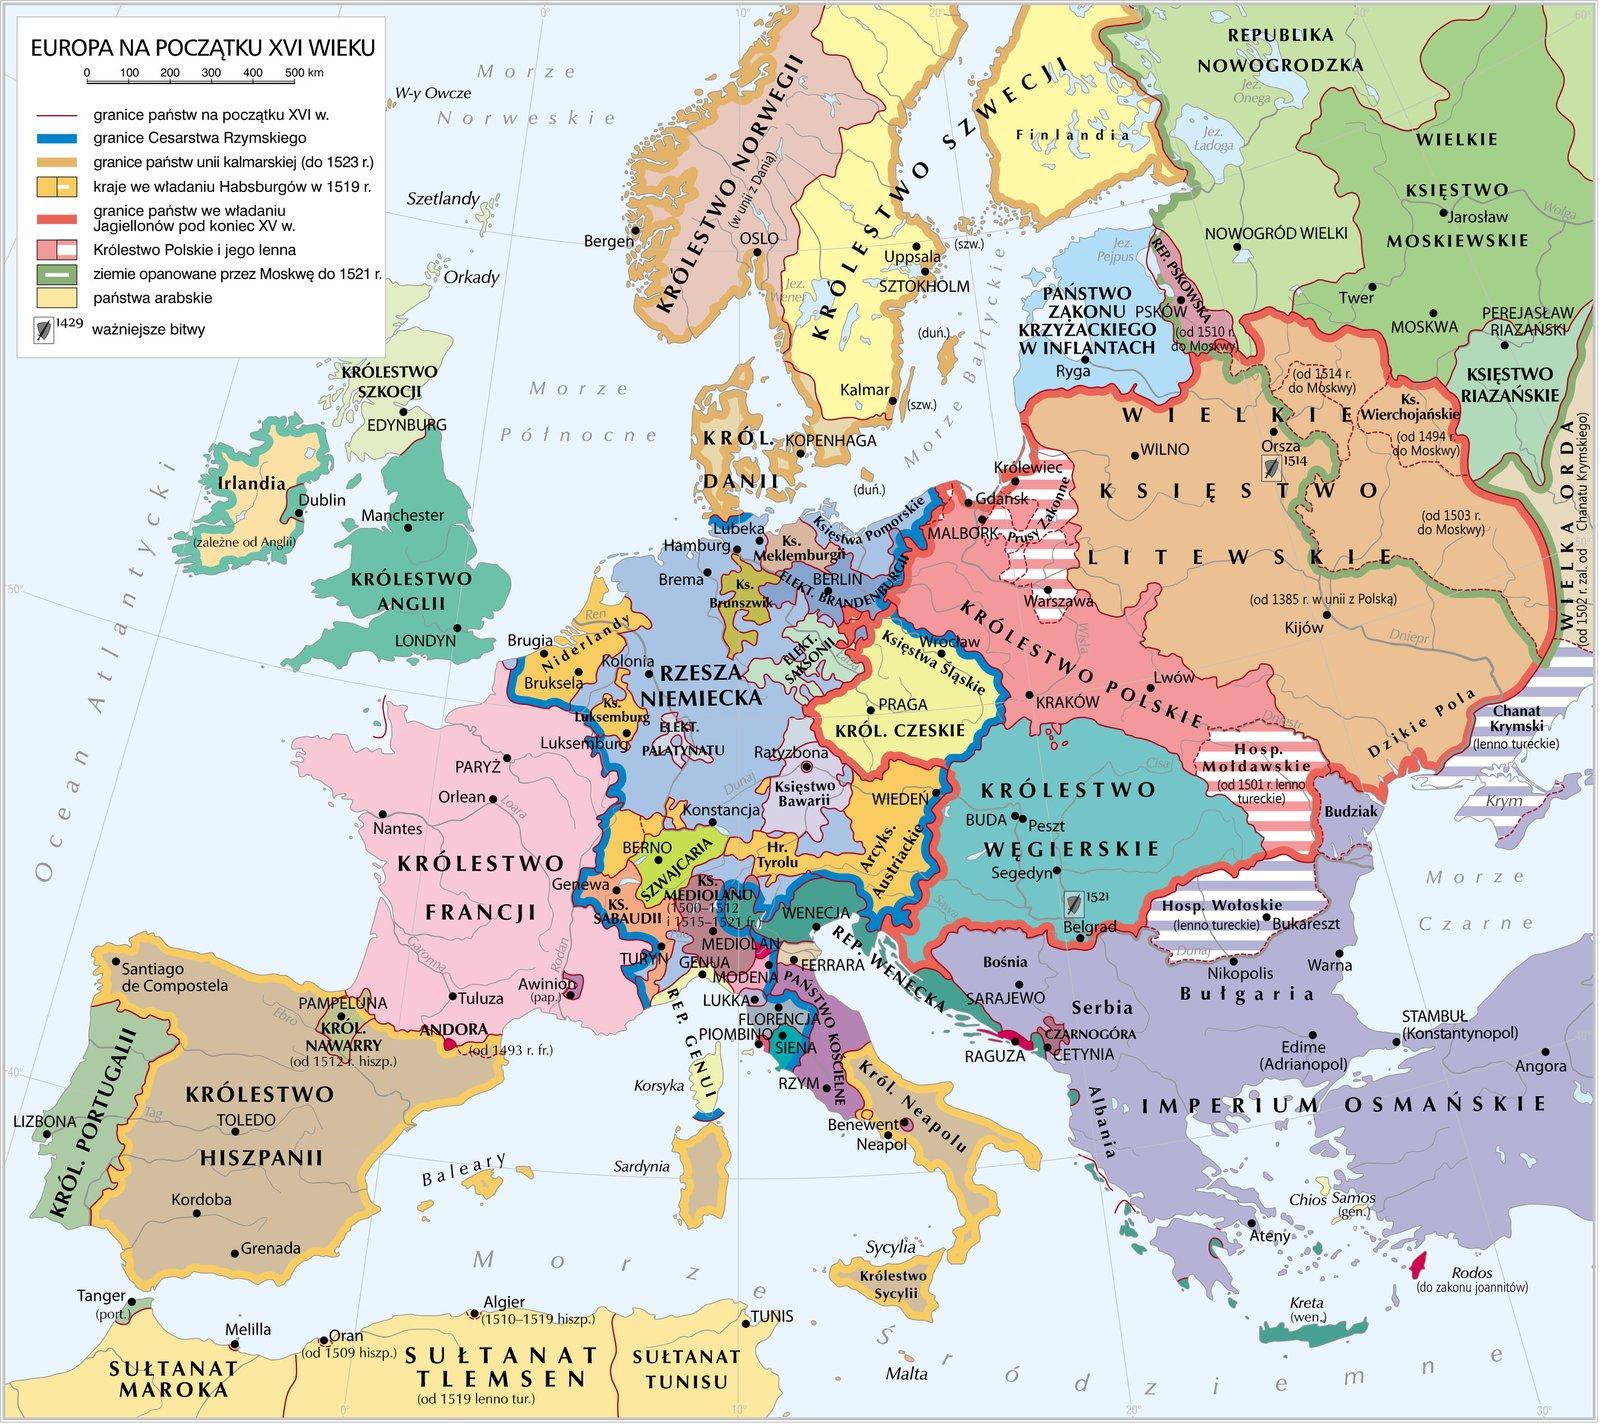 Europa na początku XVI w. Europa na początku XVI w. Źródło: Krystian Chariza izespół, licencja: CC BY 4.0.